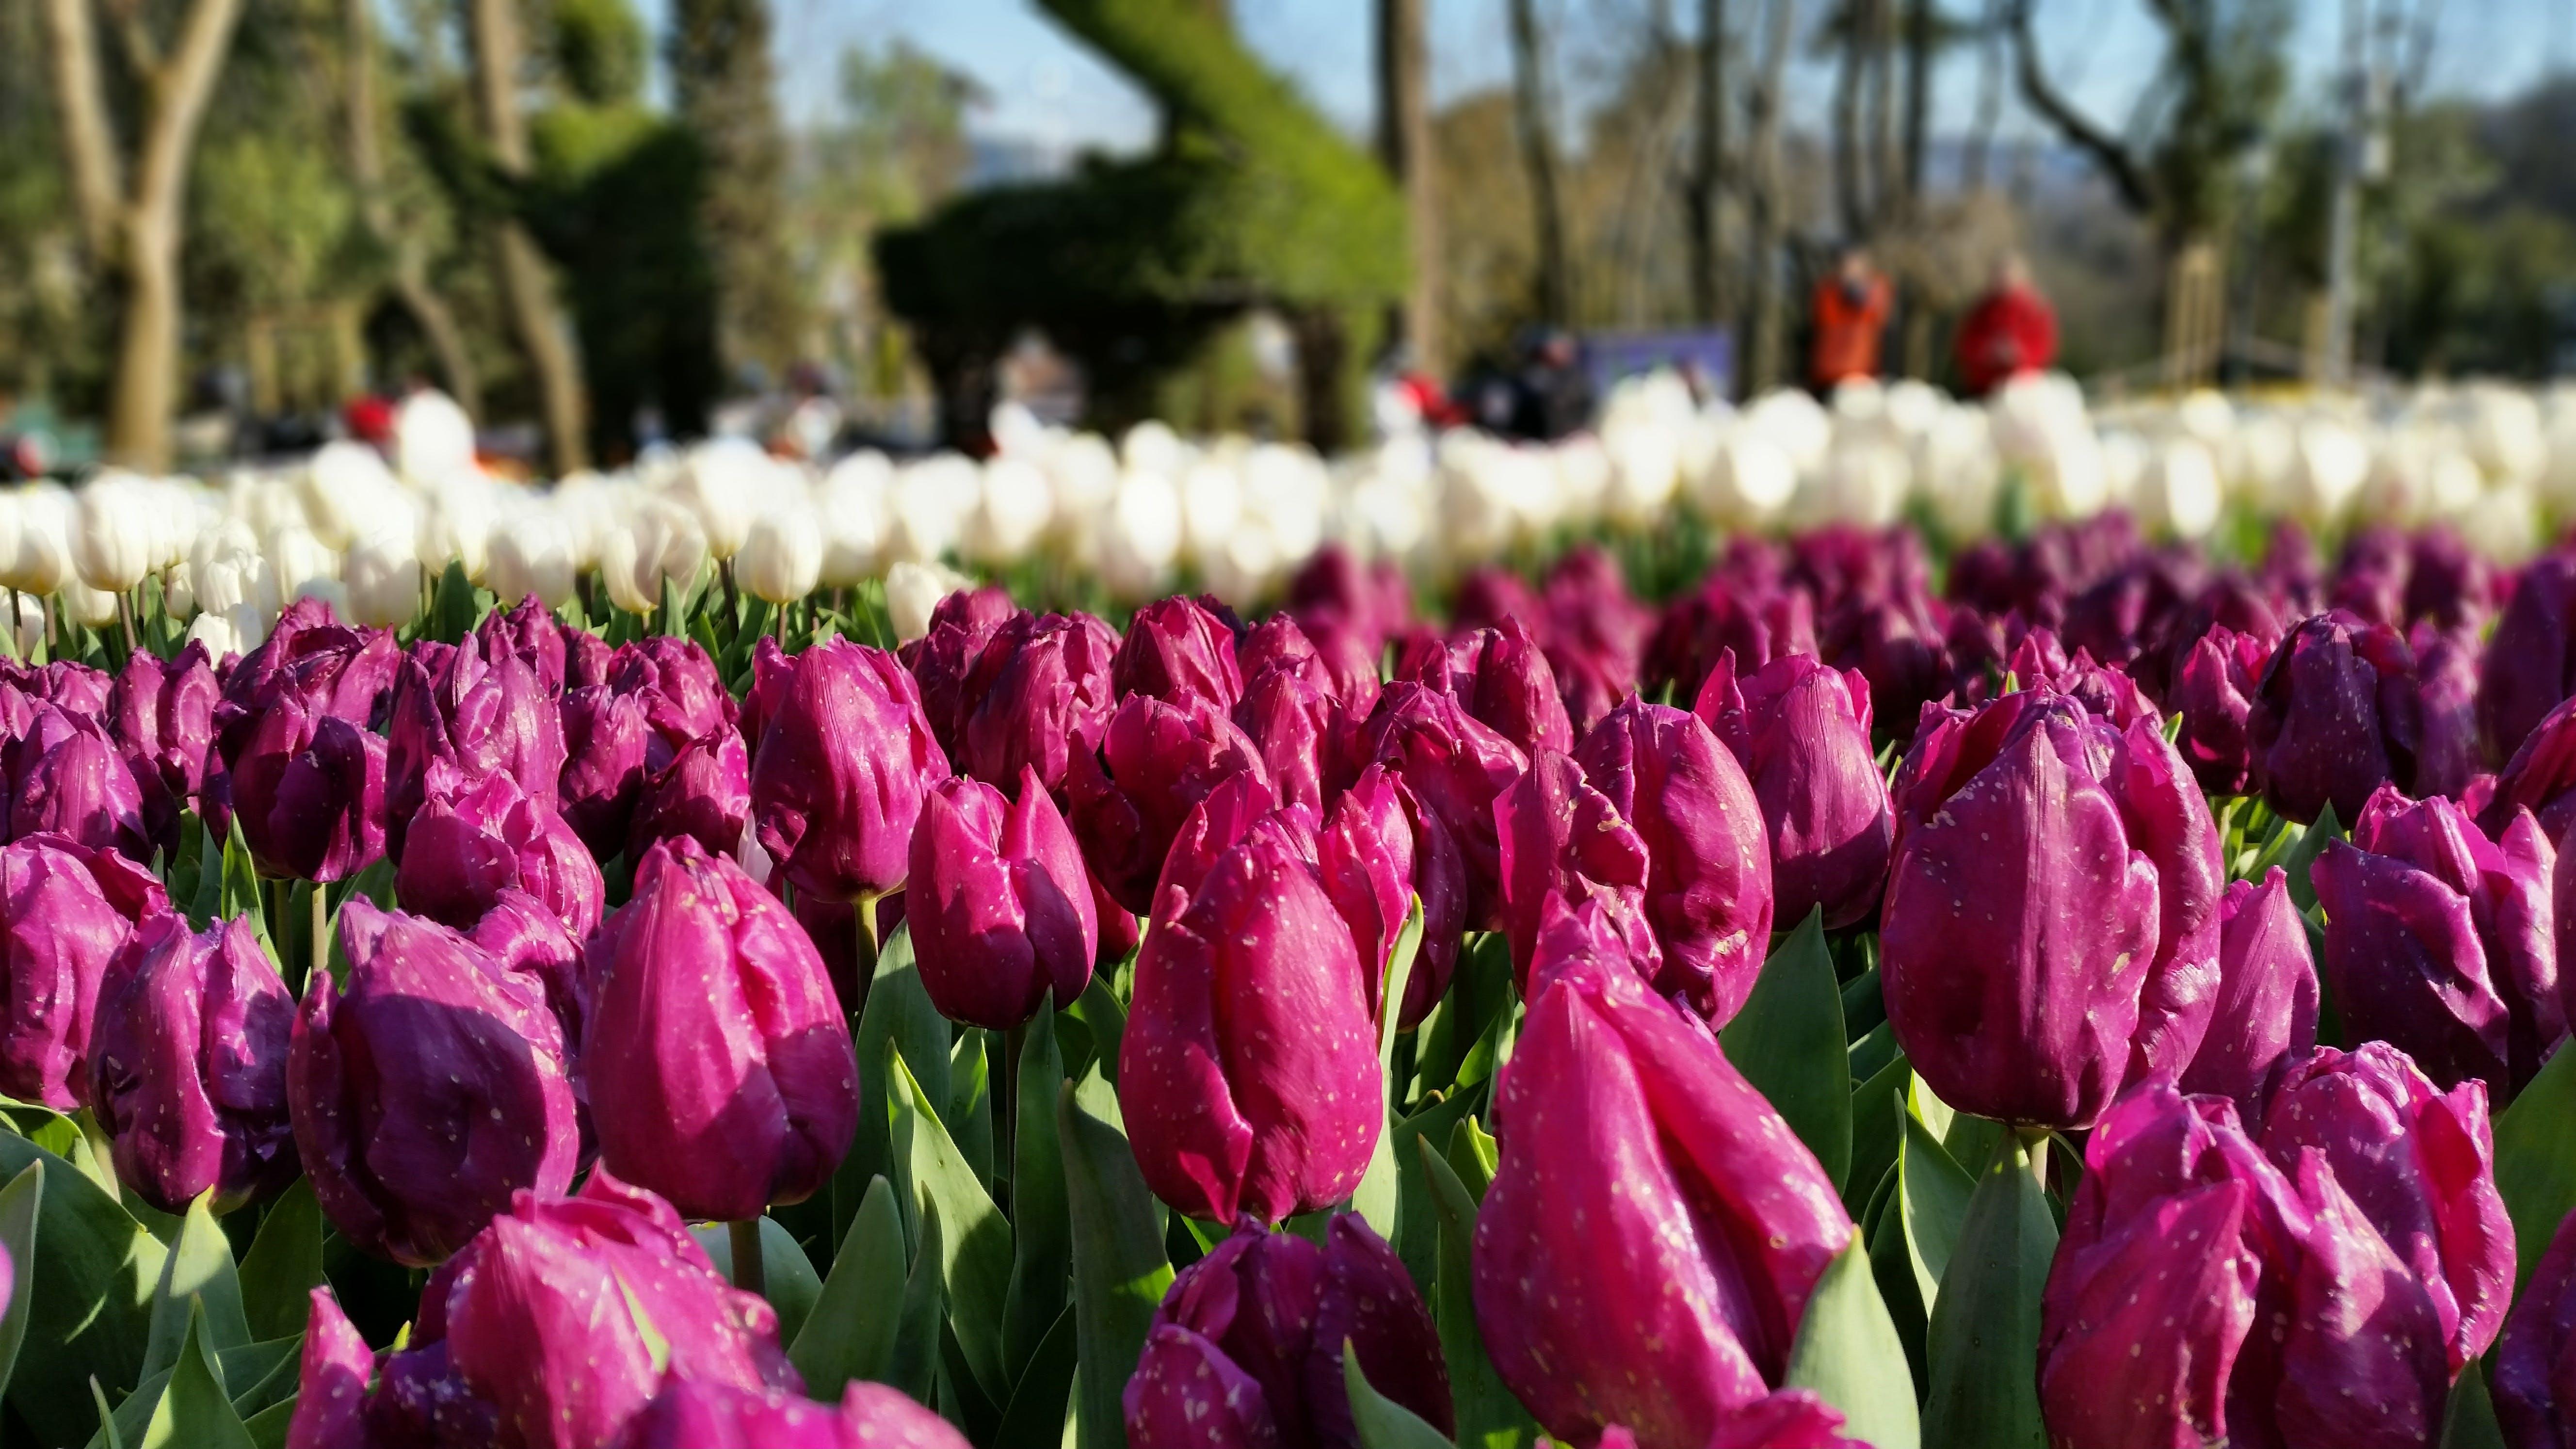 Gratis stockfoto met bloemachtig, bloemblaadjes, bloemen, festival